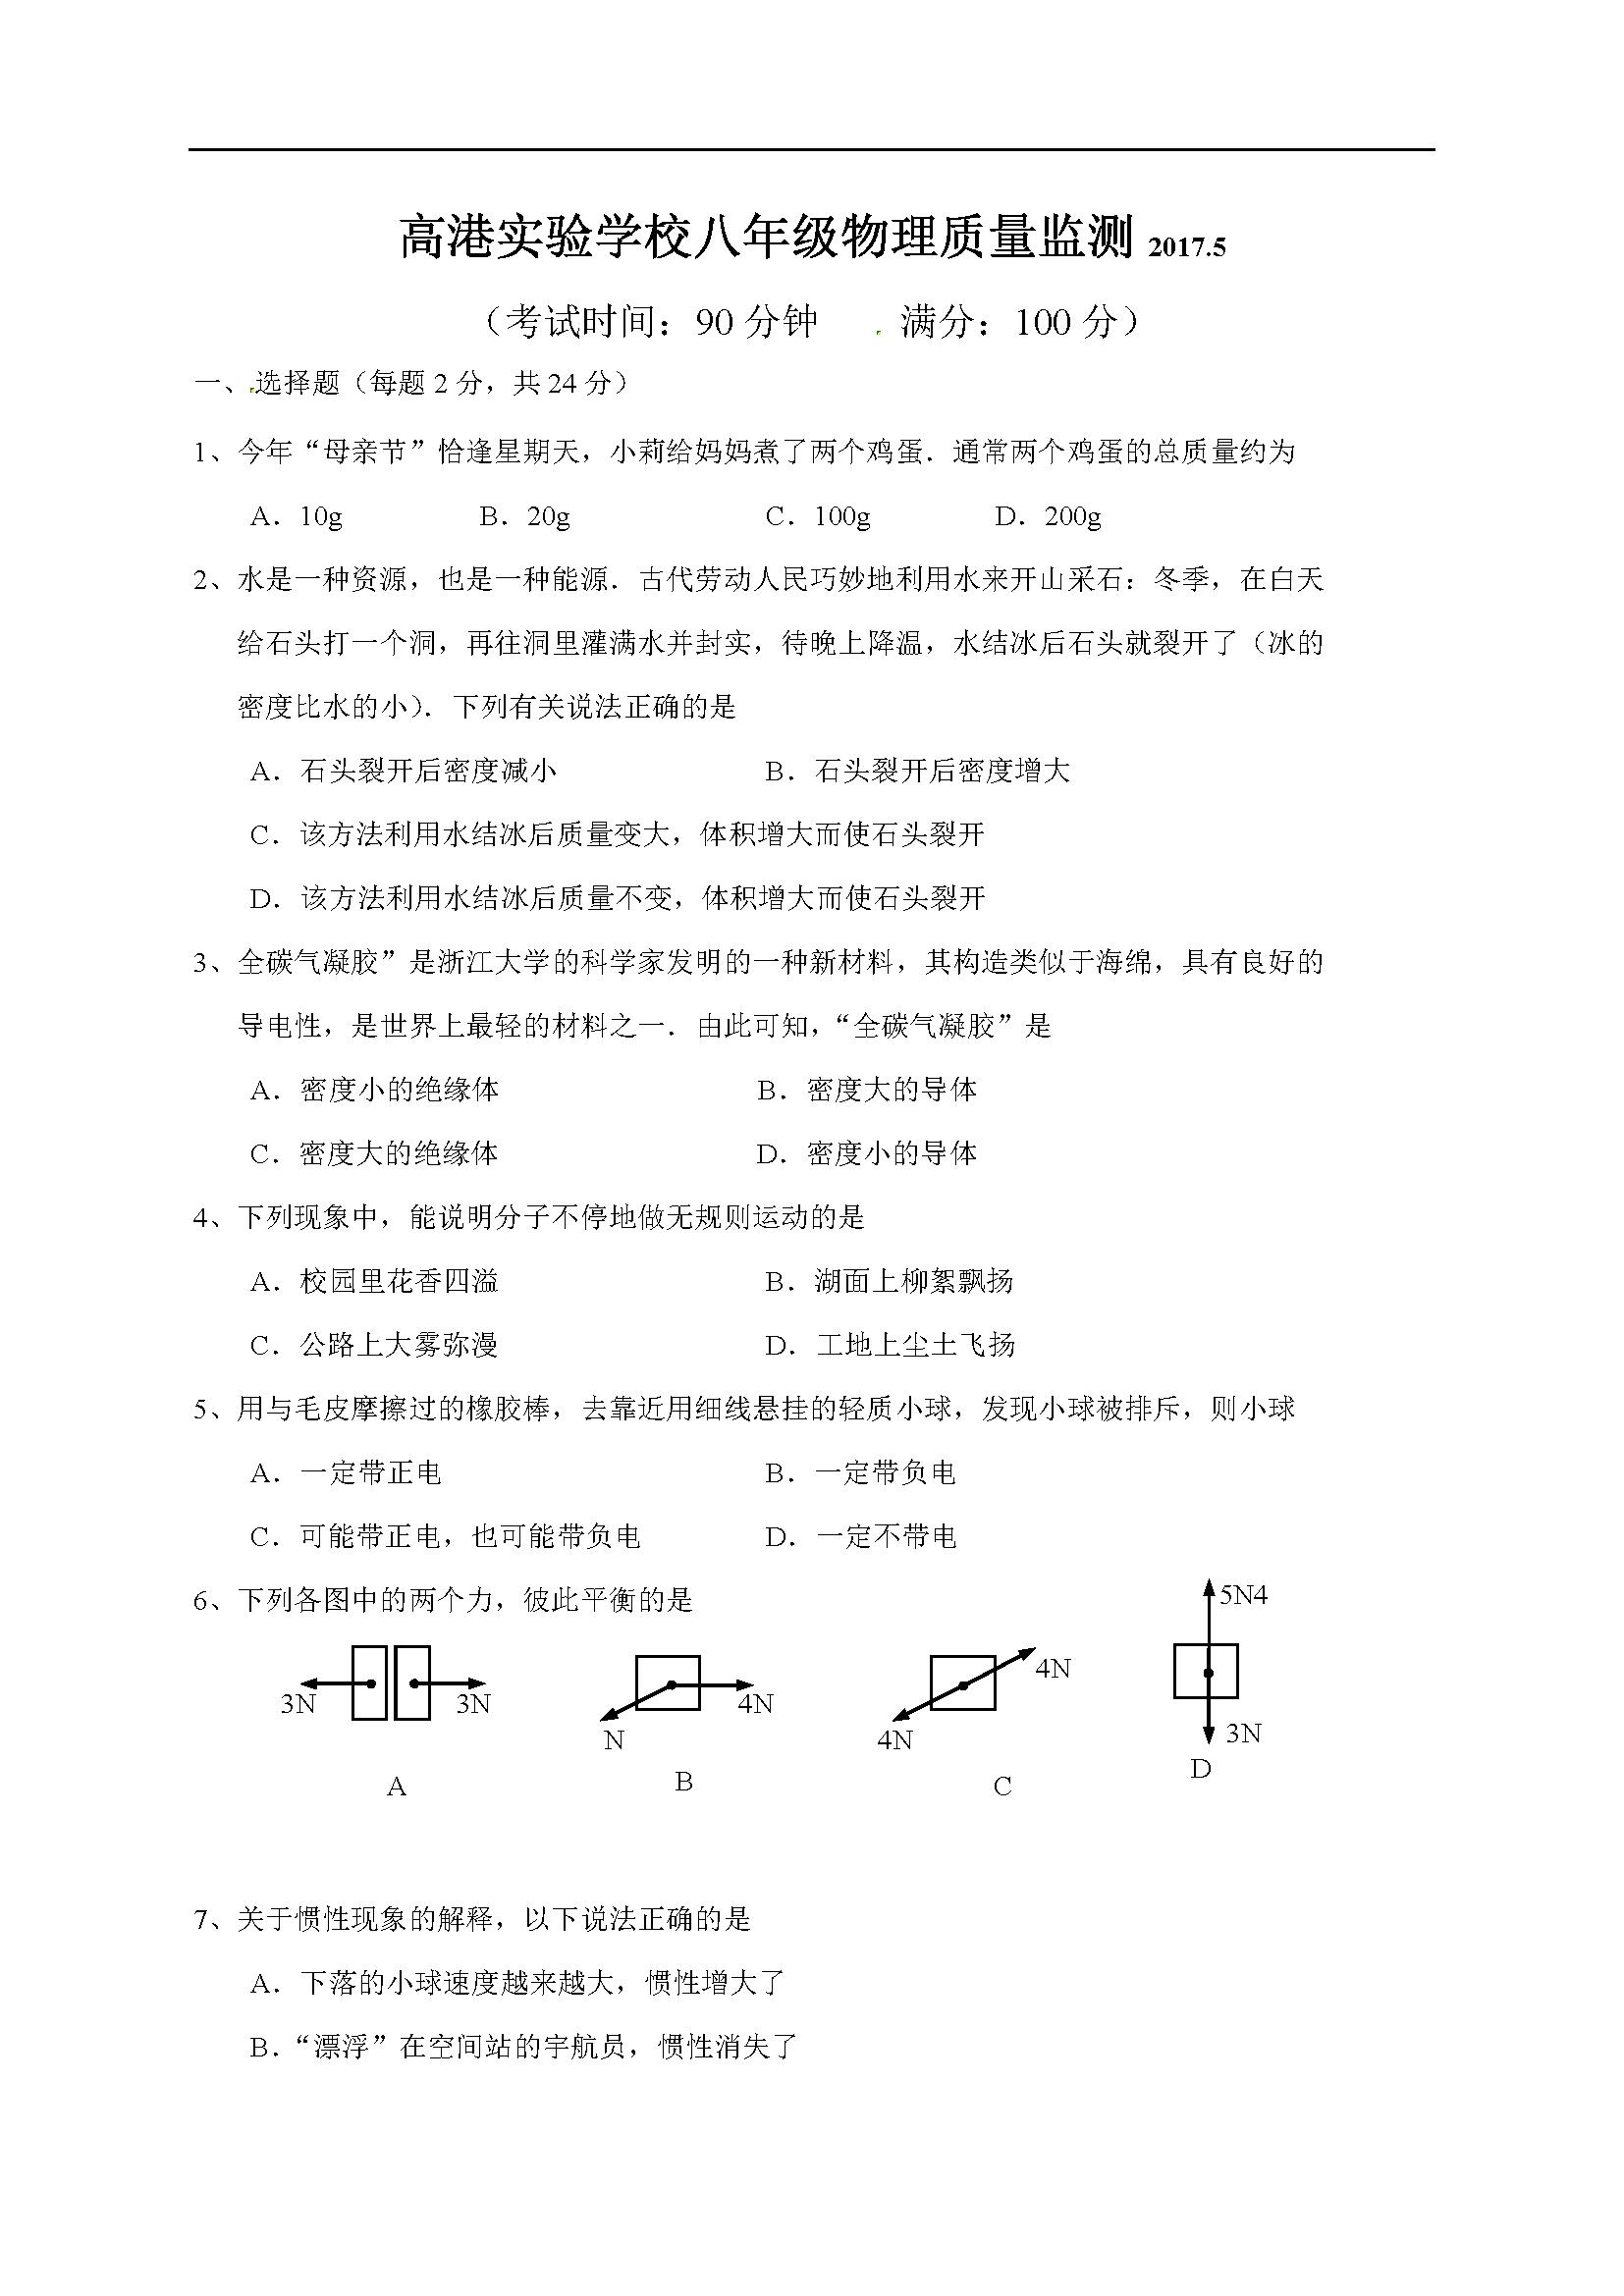 2017江苏泰州高港实验学校八年级5月月考物理试题(Word版)